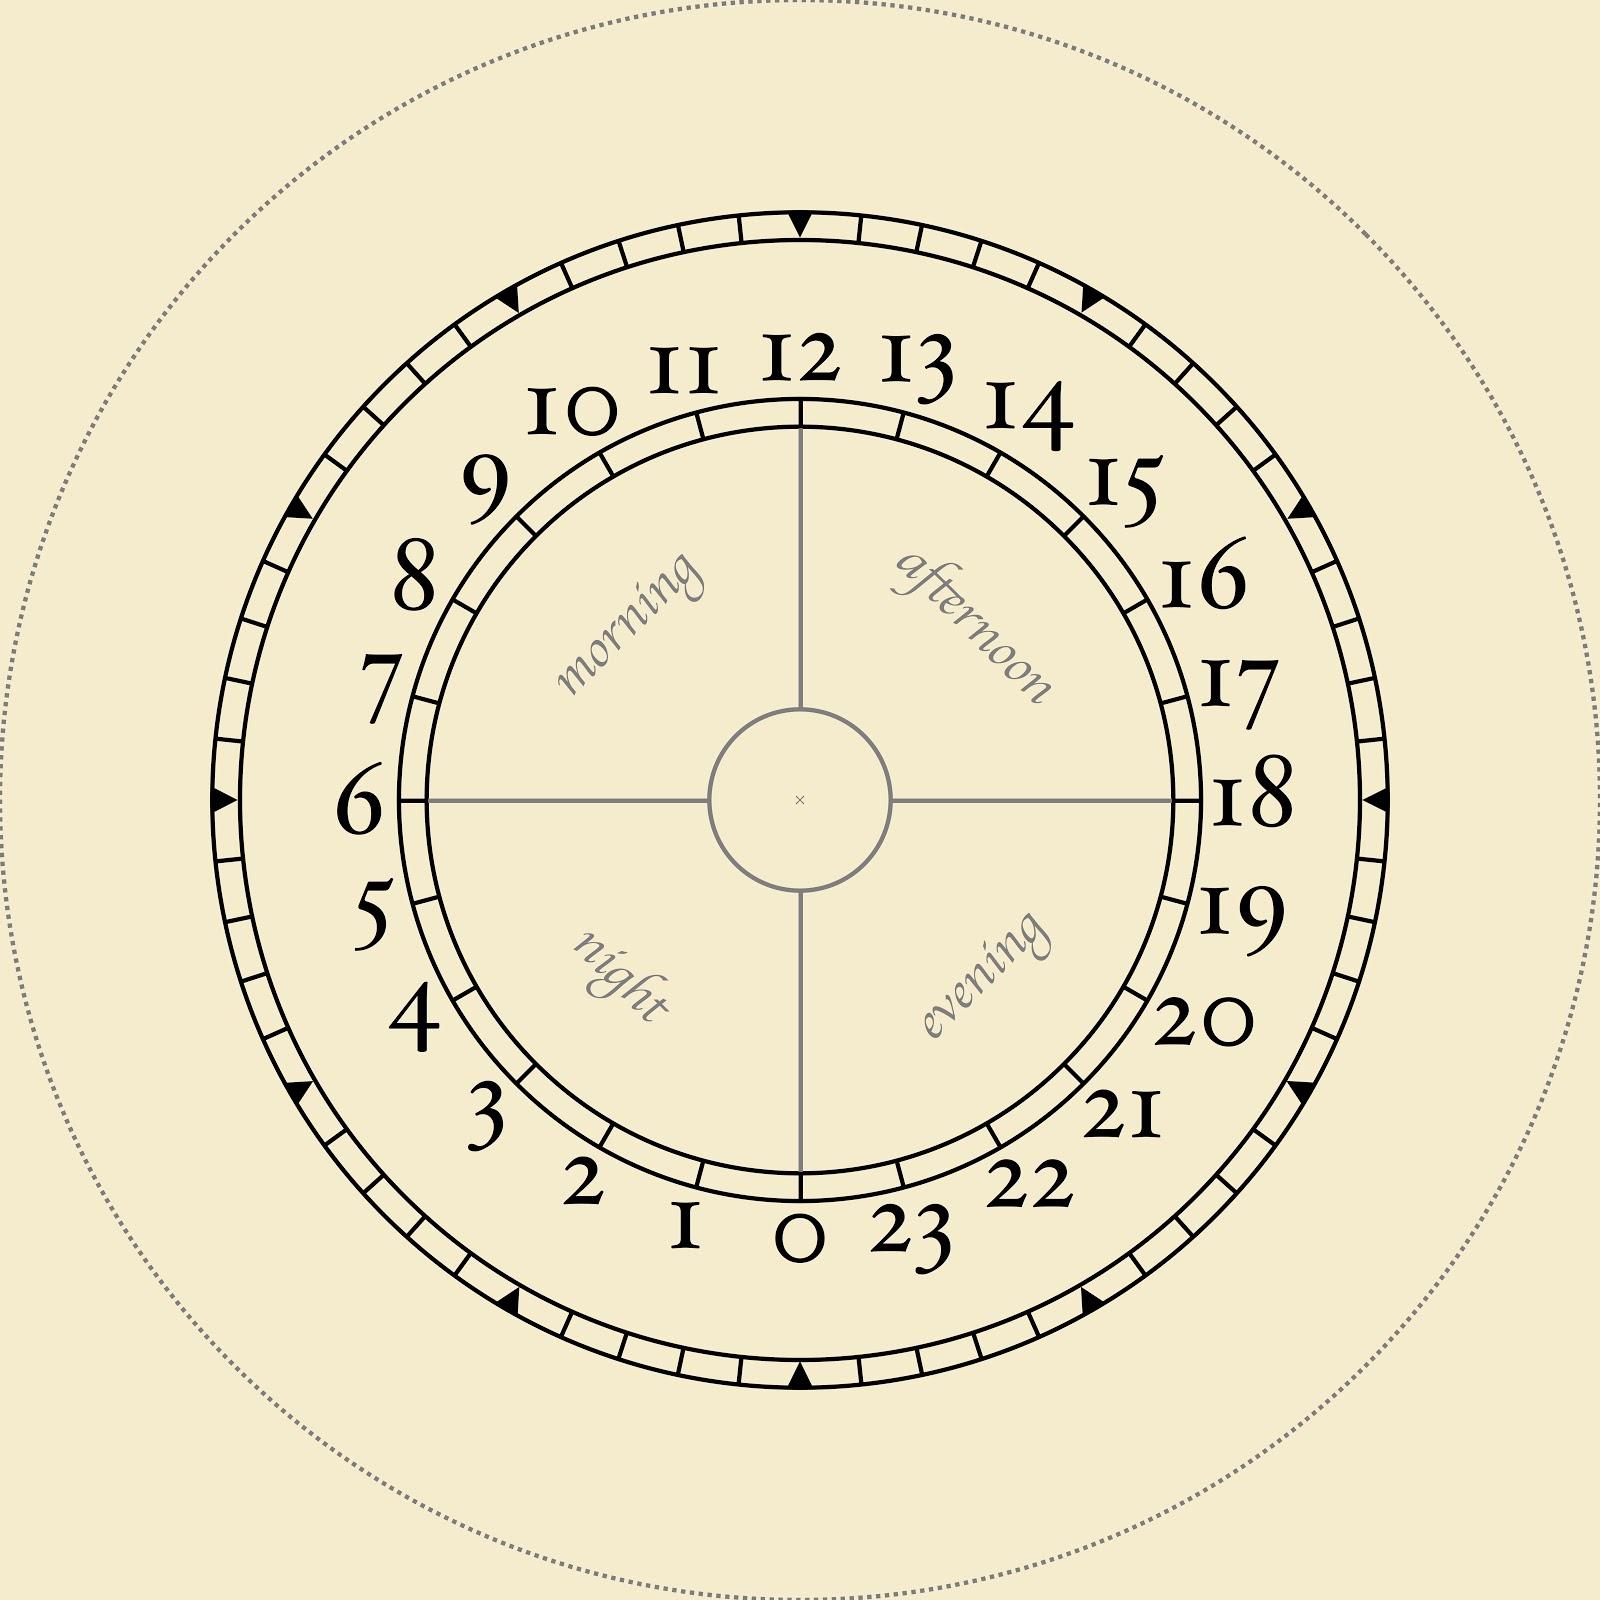 How To Make A 24 Hour Clock